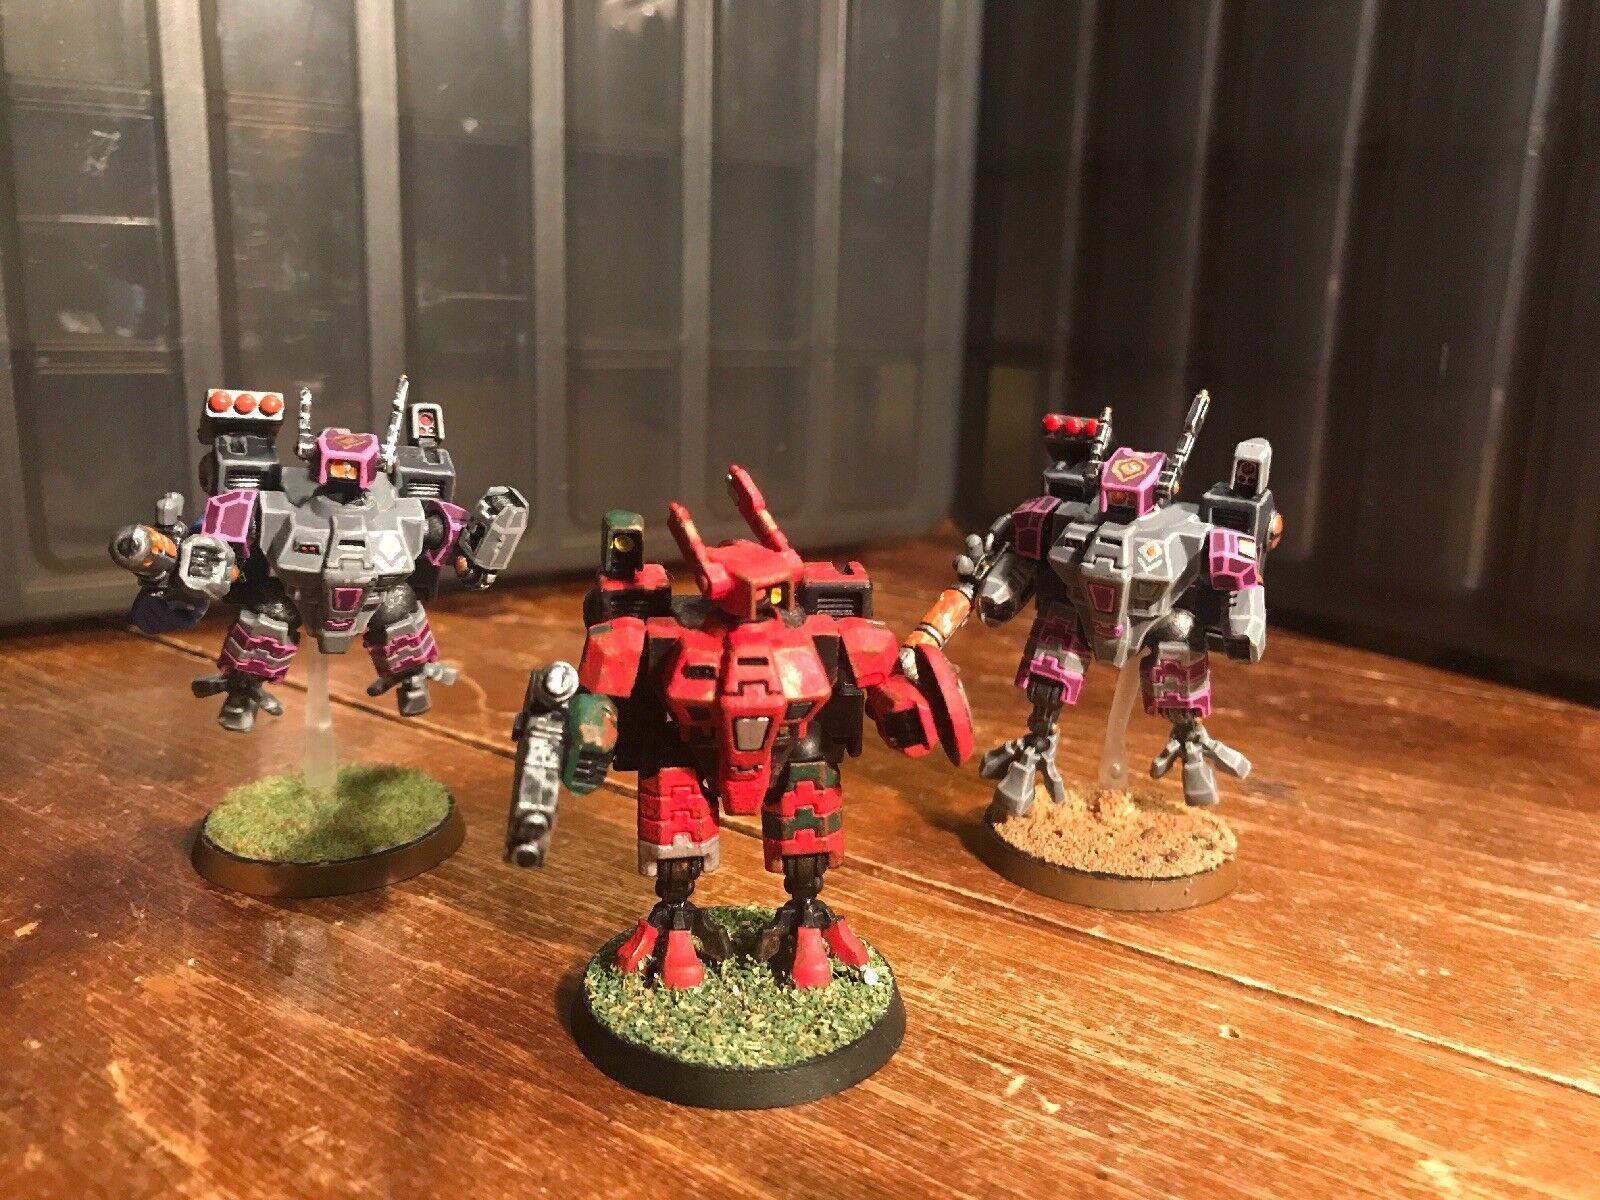 Warhammer 40k Tau Empire XV8 Crisis Battlesuits